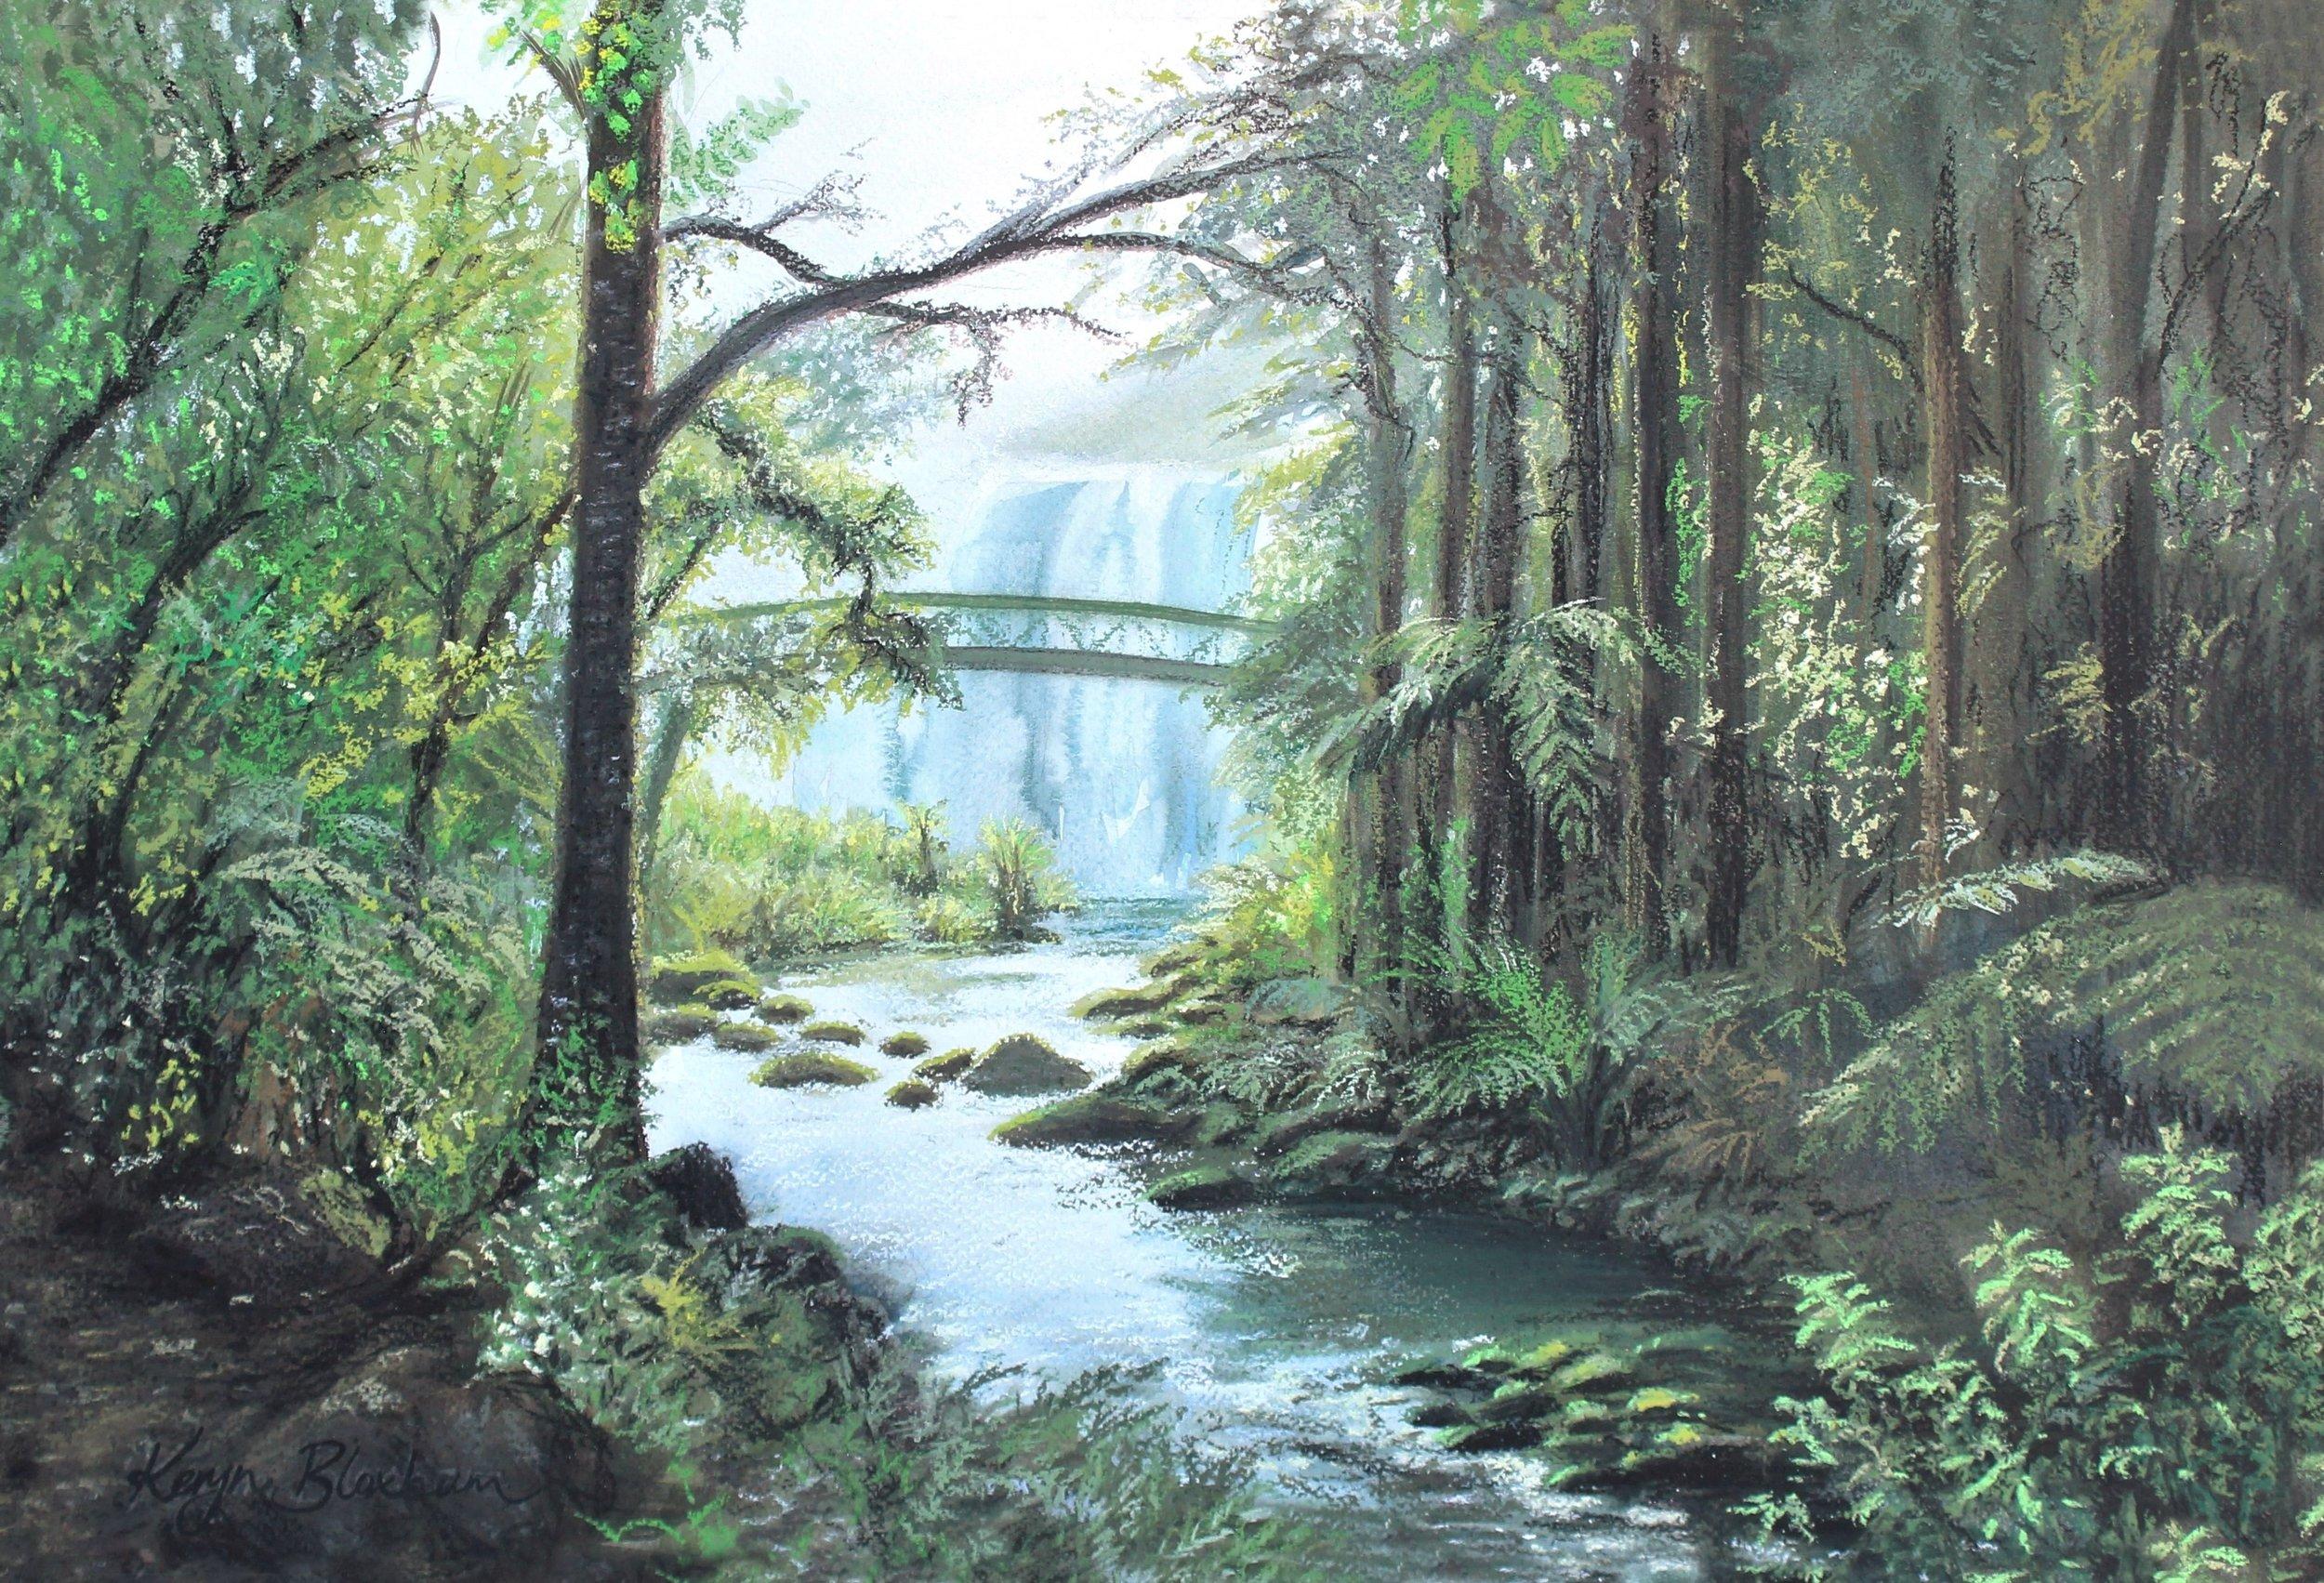 whangarei waterfall keryn bloxham